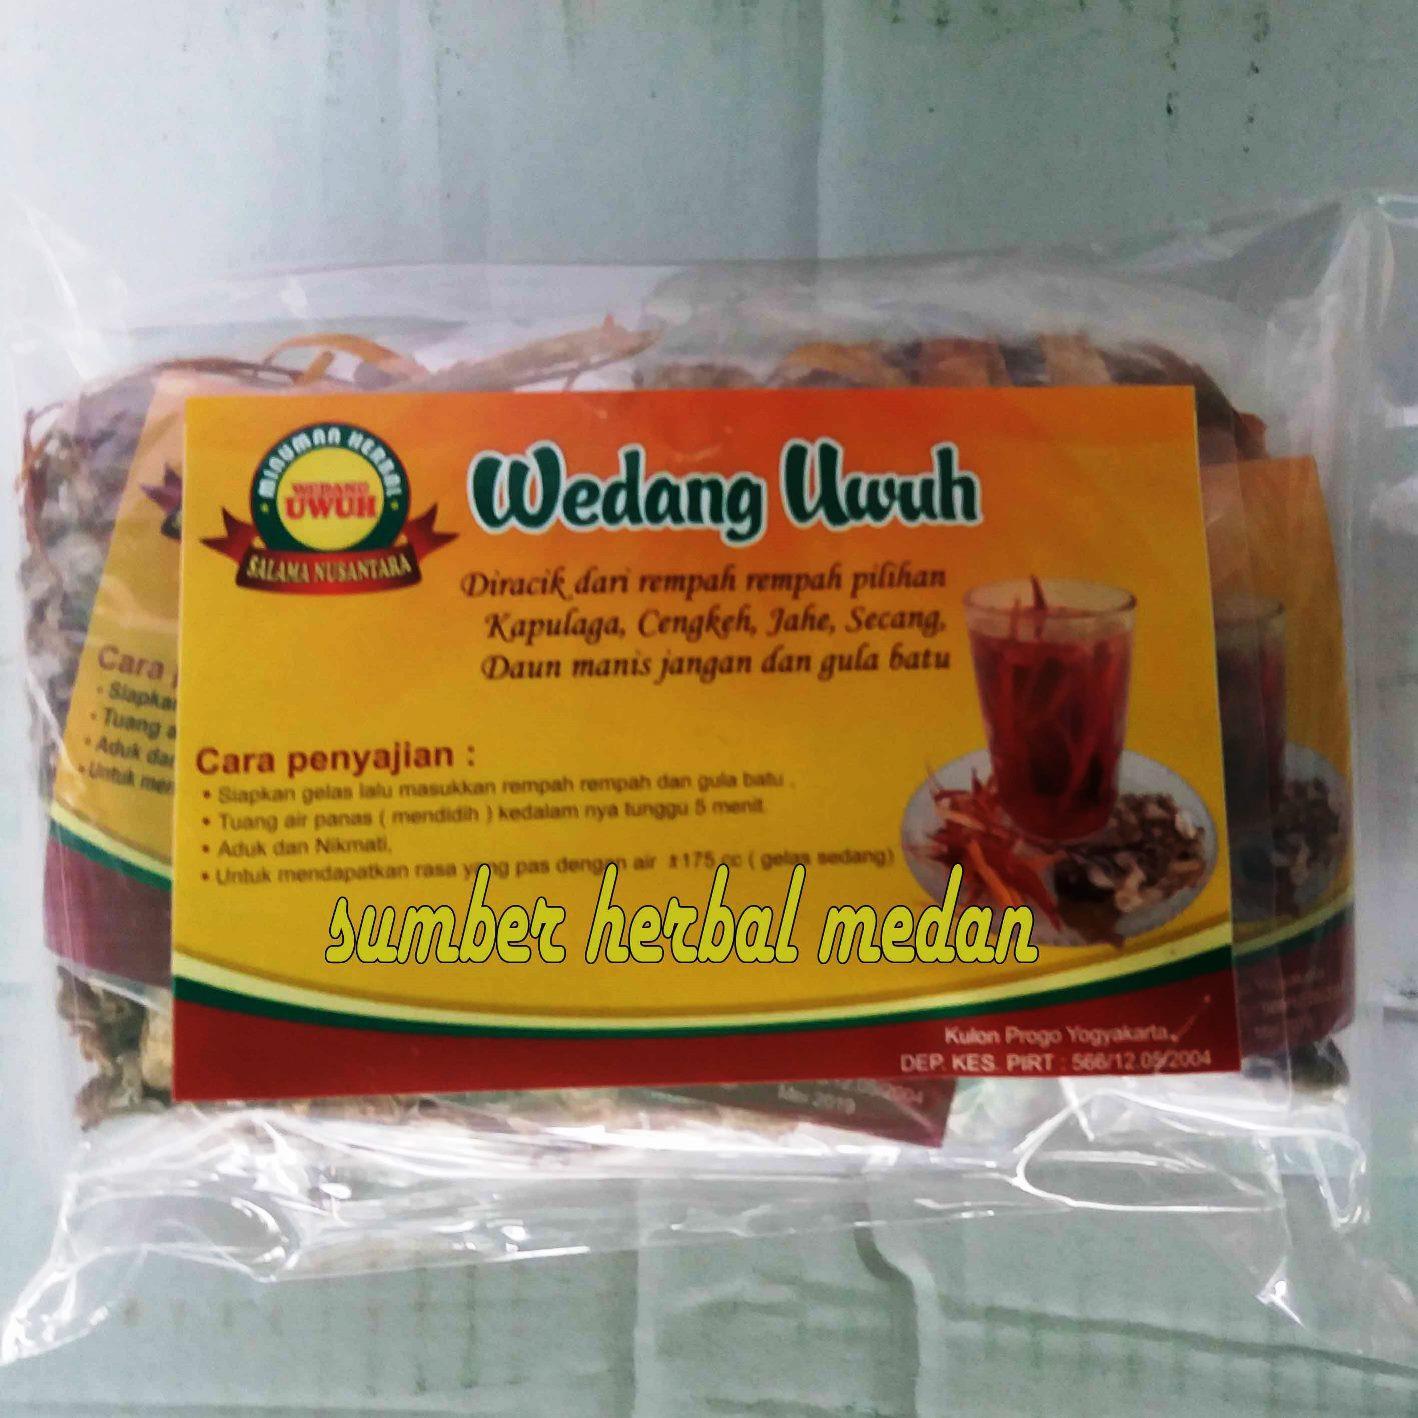 1 Paket Wedang Uwuh Khas Yogyakarta - isi 5 Bungkus